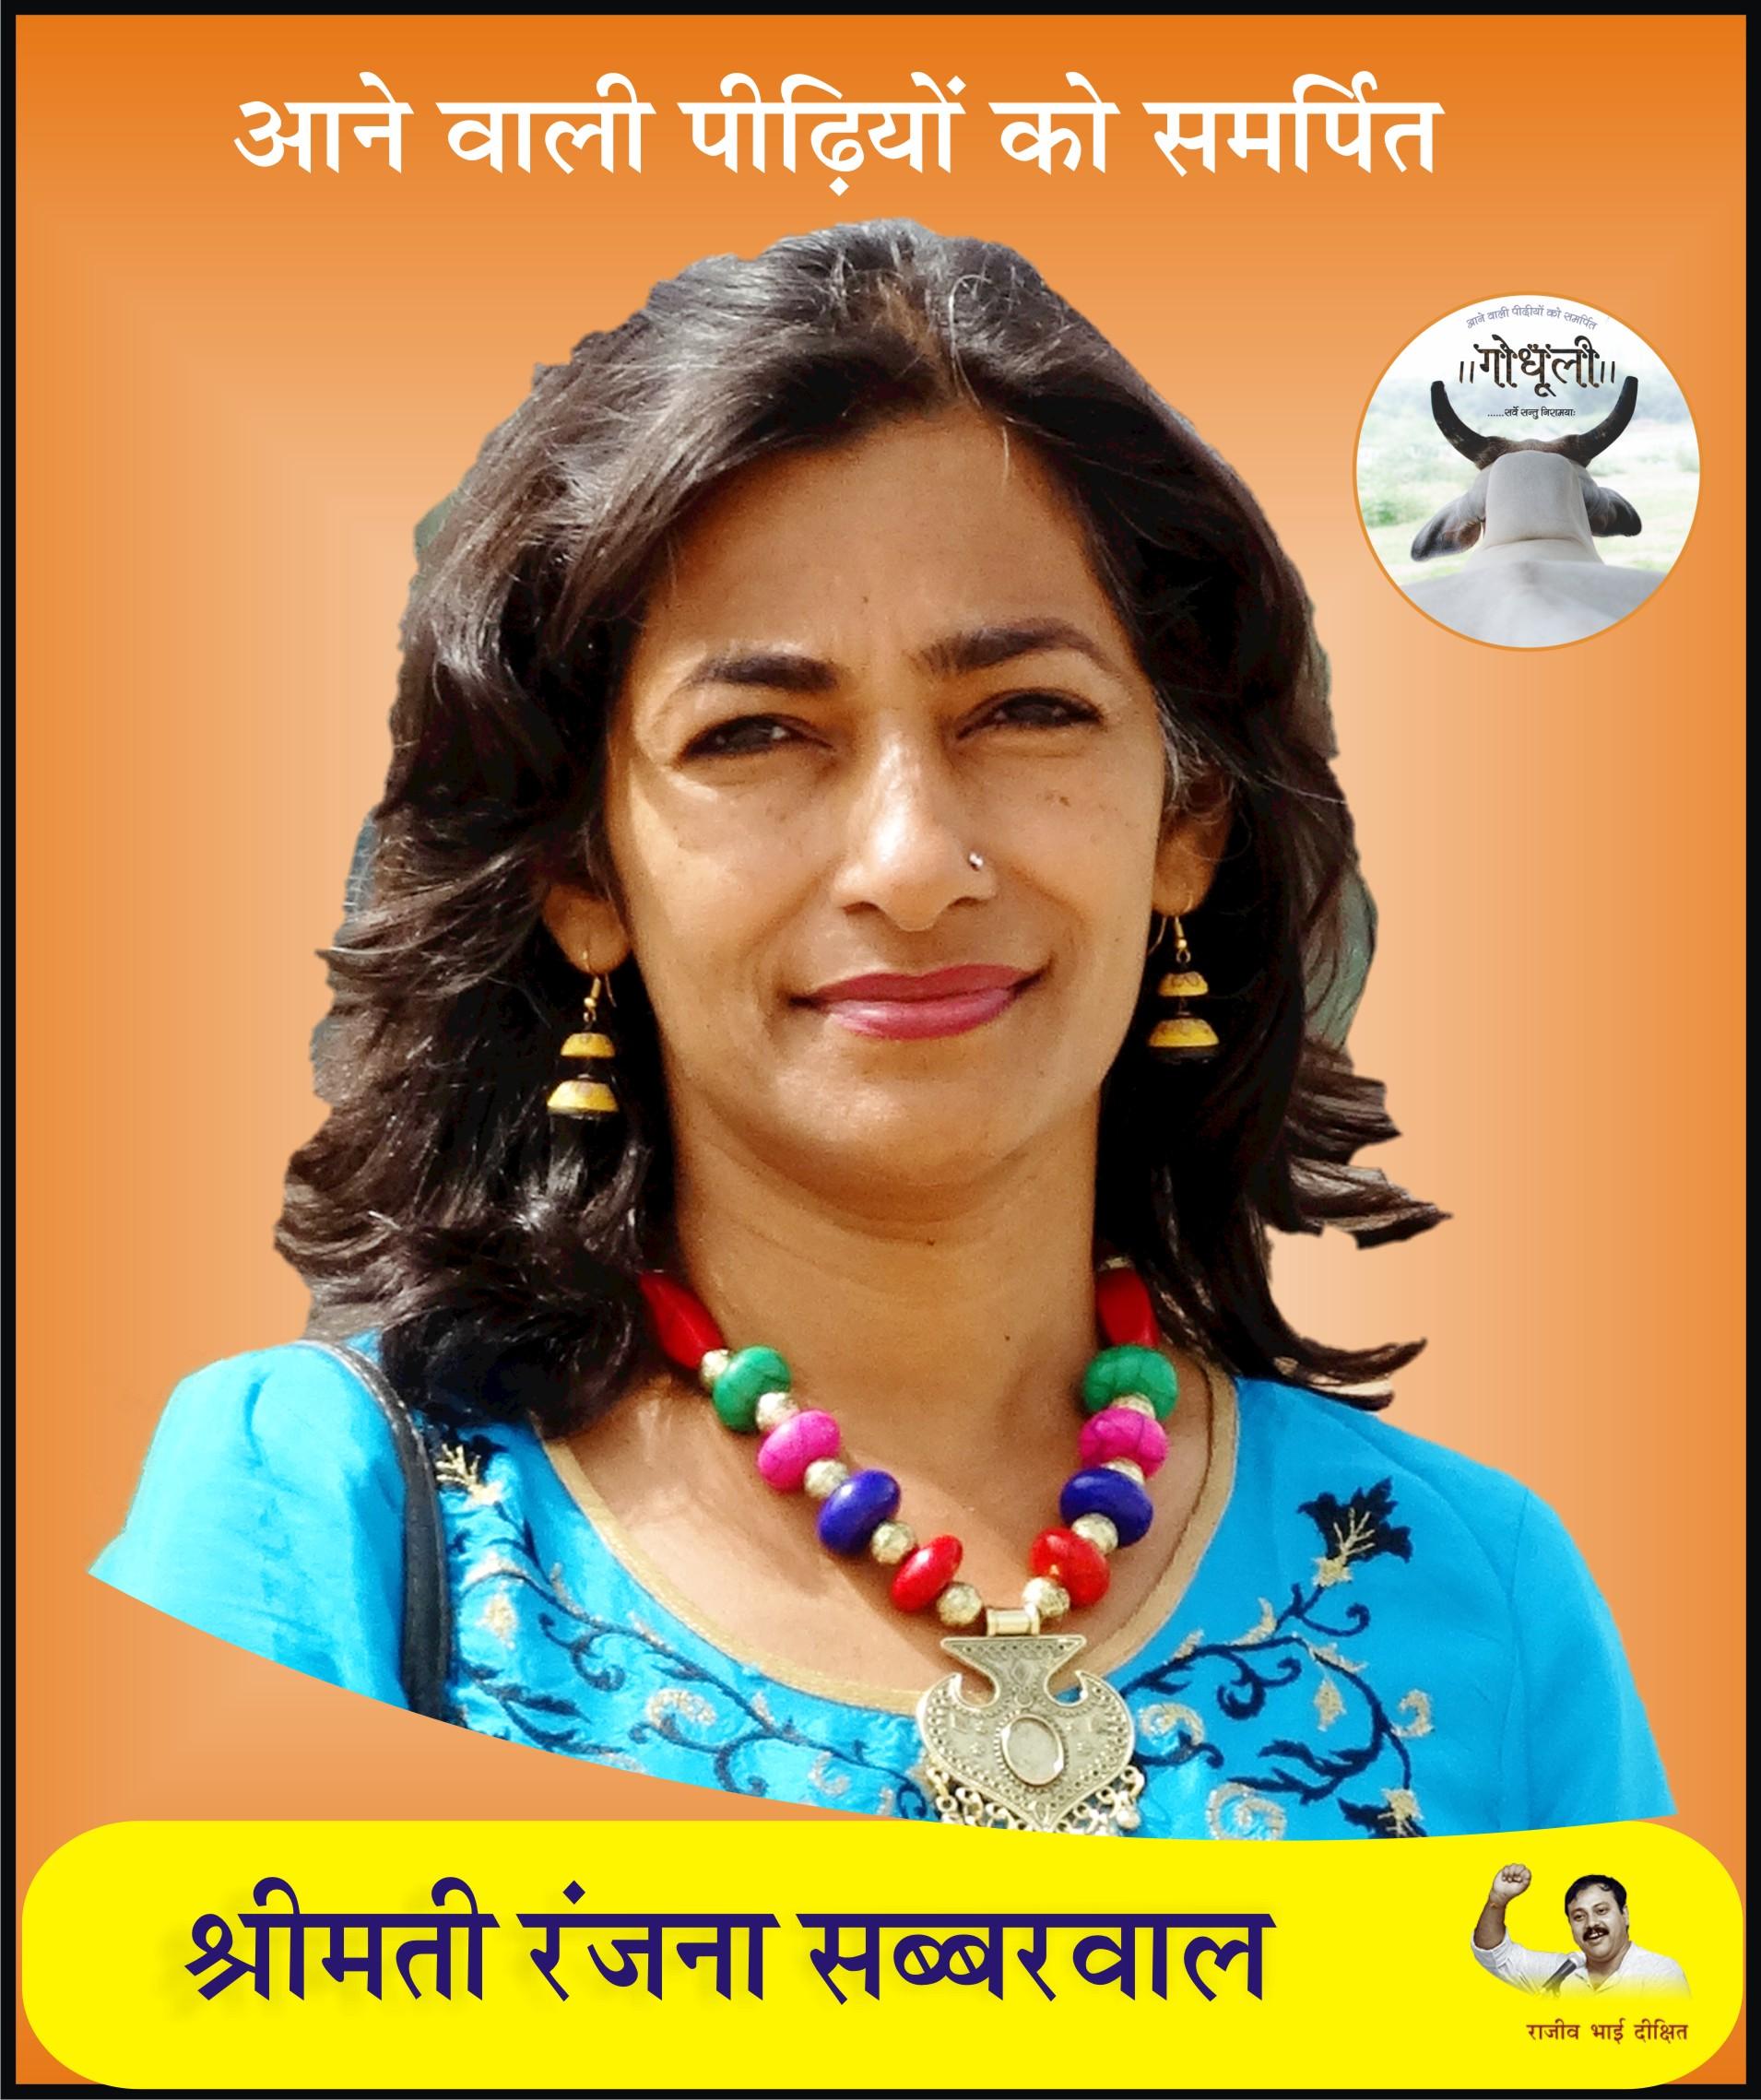 - Ranjana Sabharwal